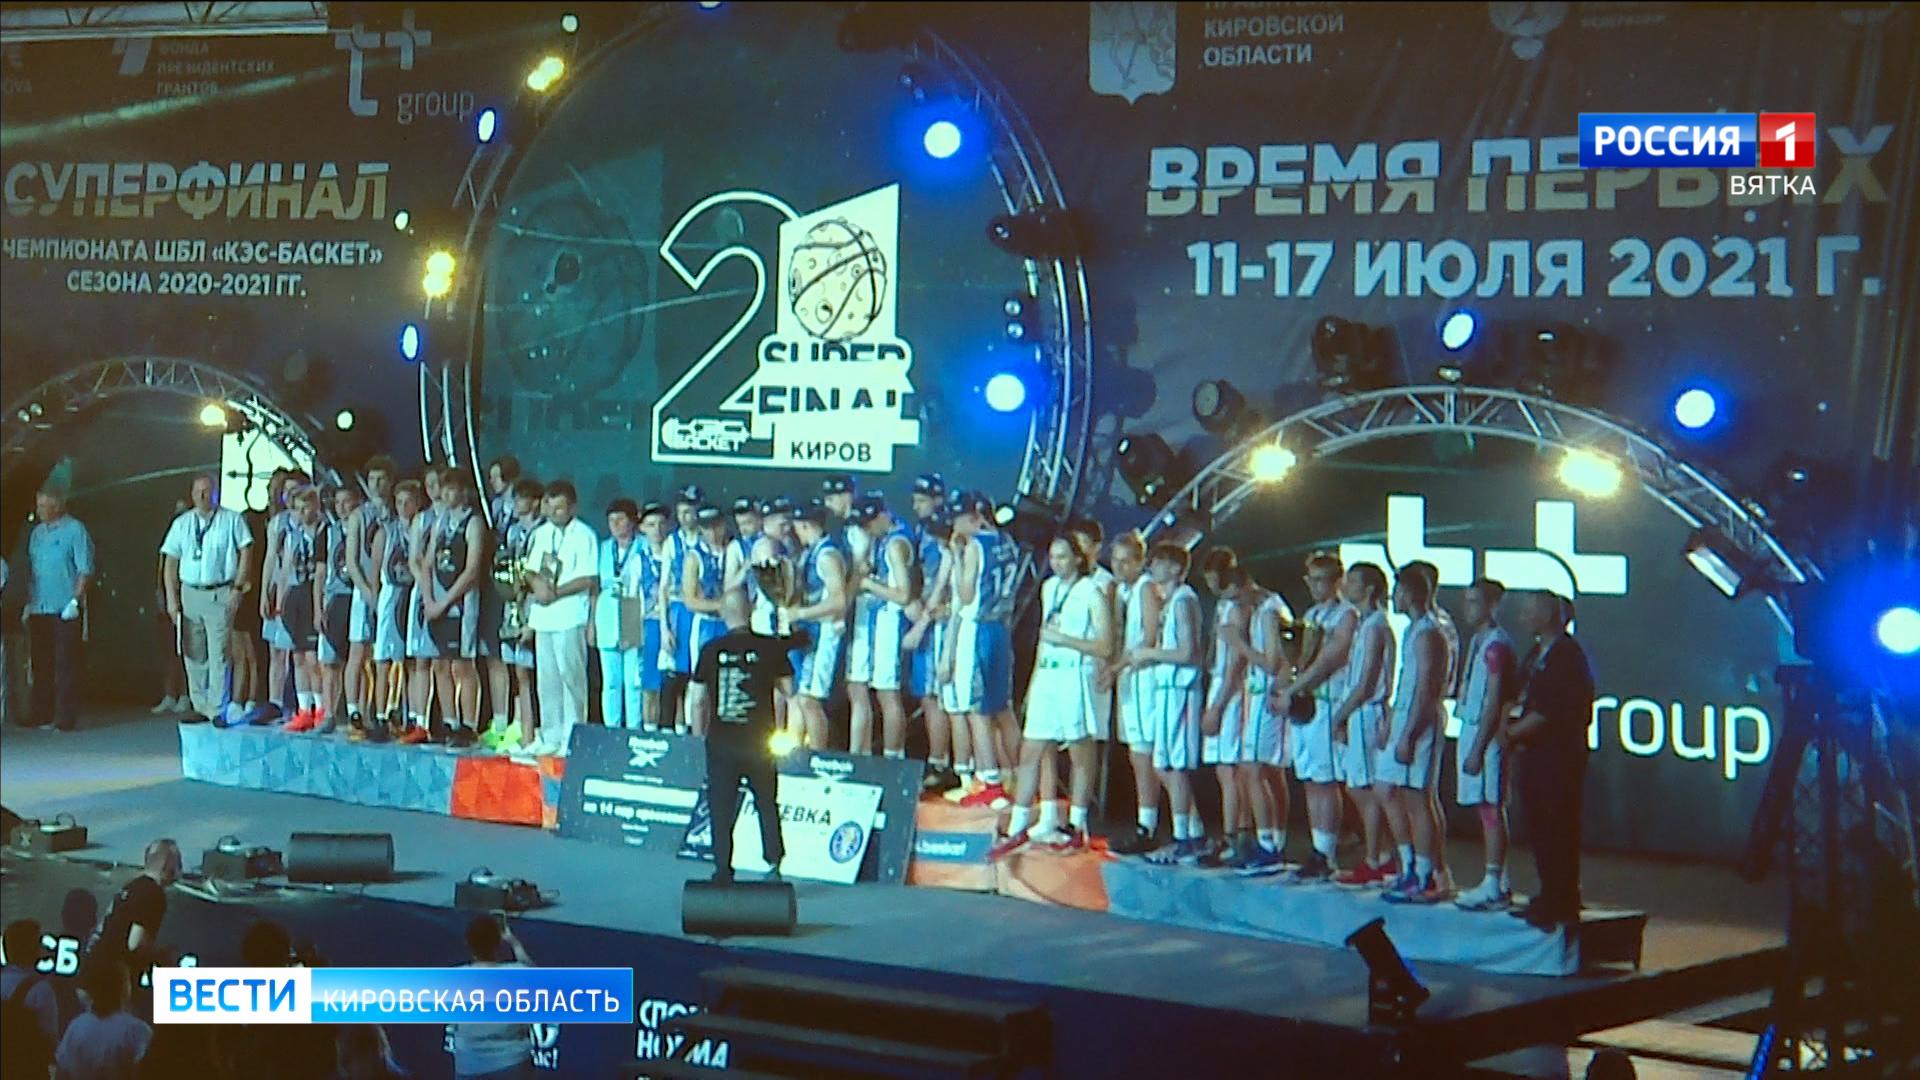 Команда юношей из Кирово-Чепецка победила петербуржцев в баскетбольной лиге «КЭС-баскет»